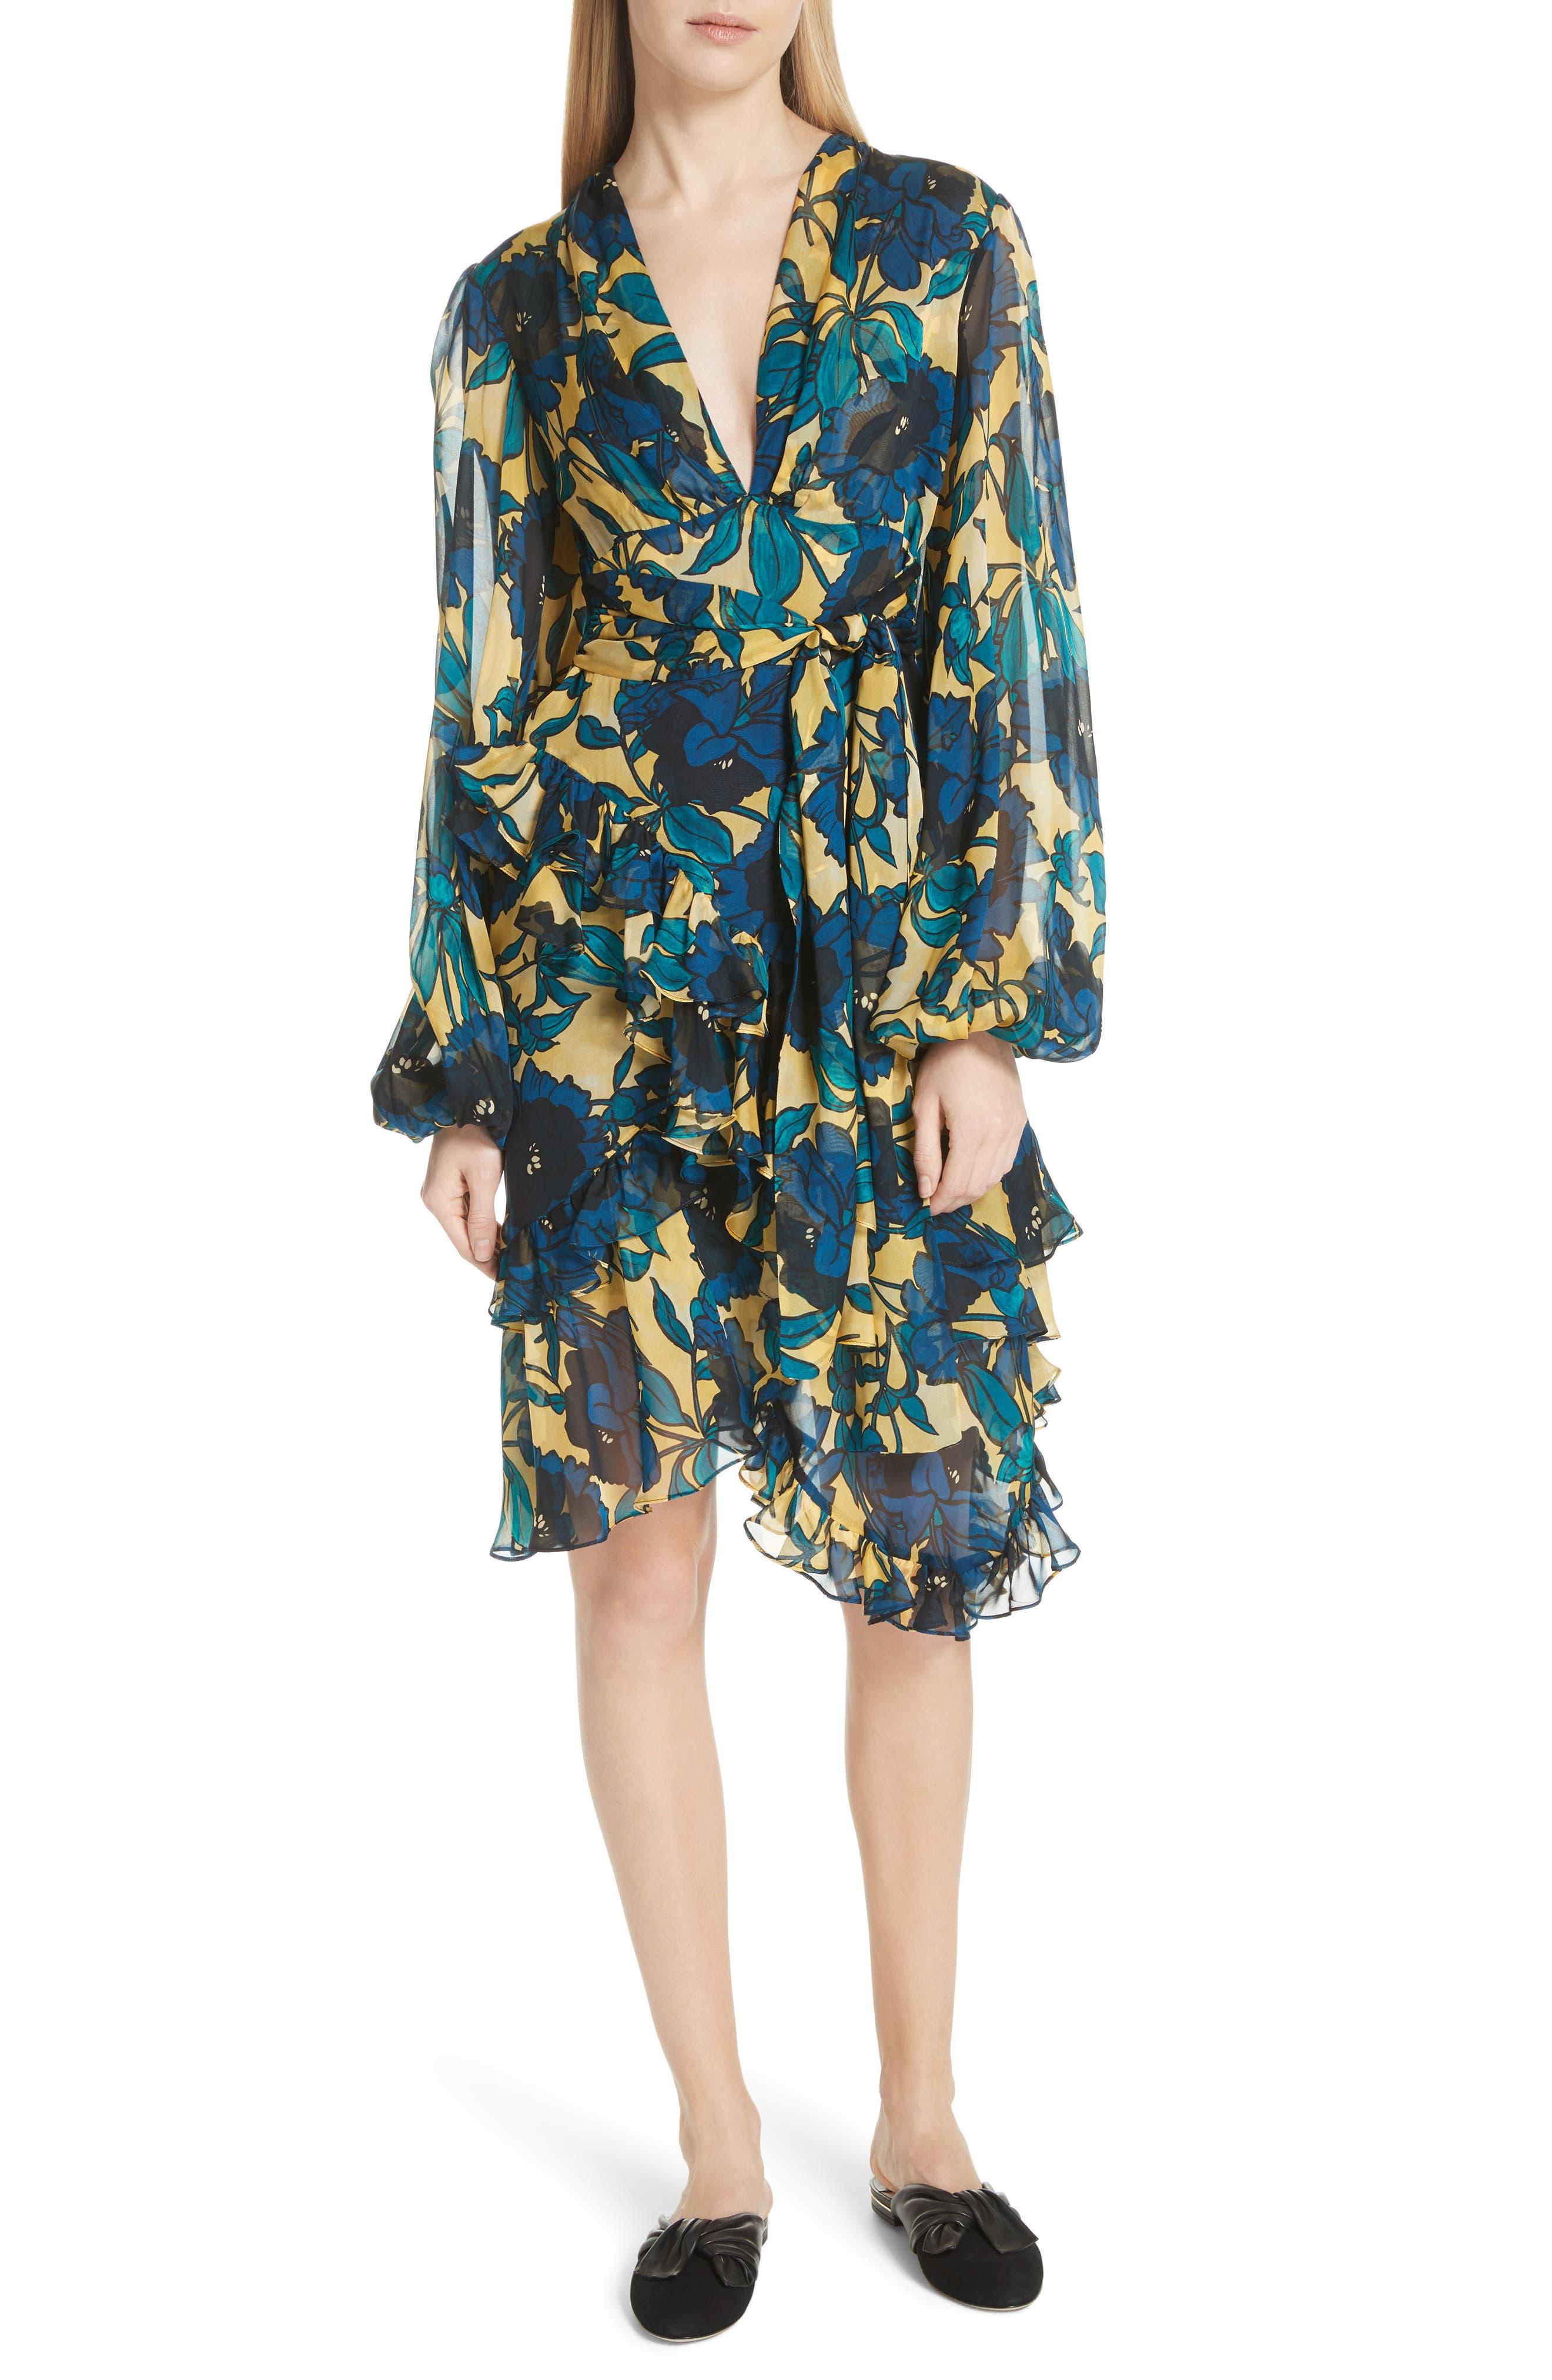 CAROLINE CONSTAS PEYTON SILK DRESS